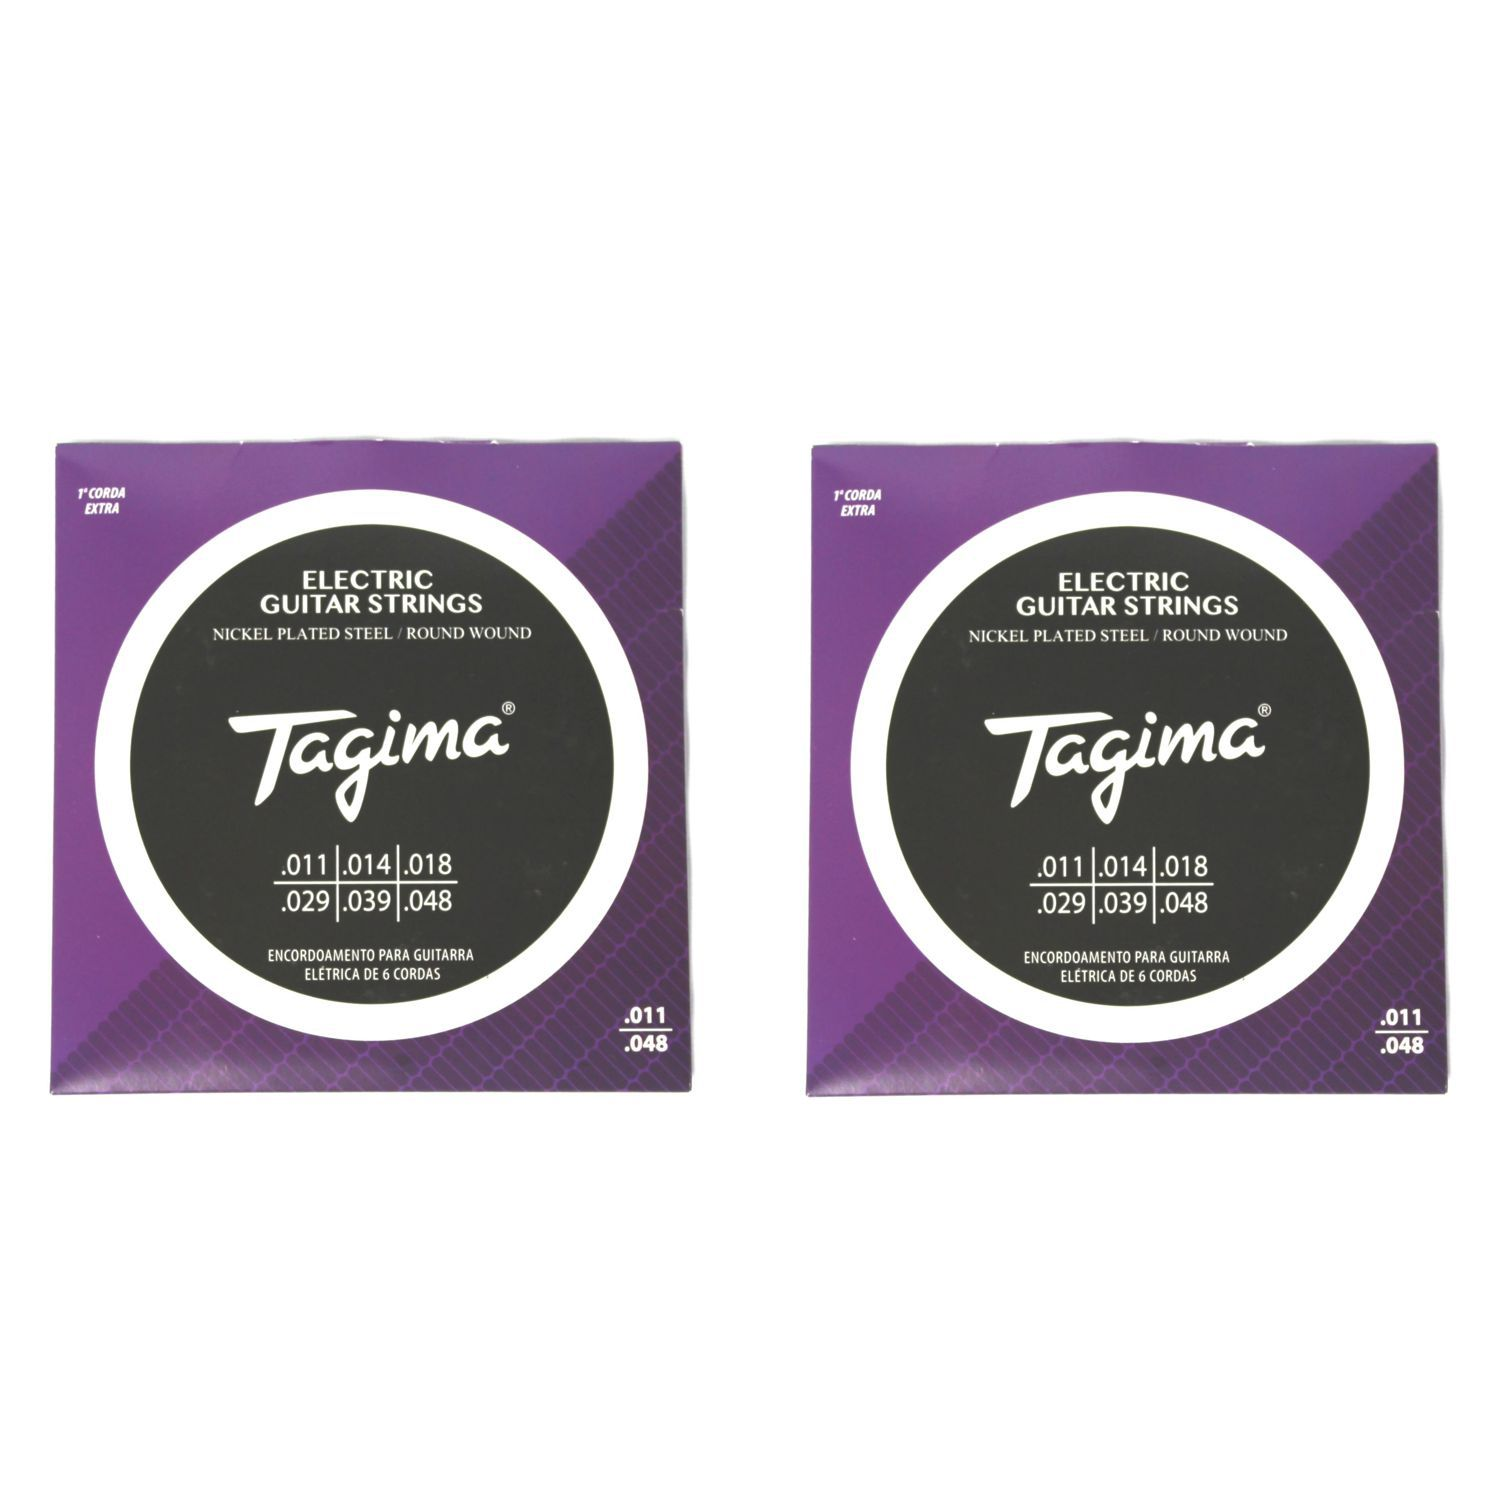 Encordoamento para Guitarra 011 Tagima - TGT-011 - 02 Unidades